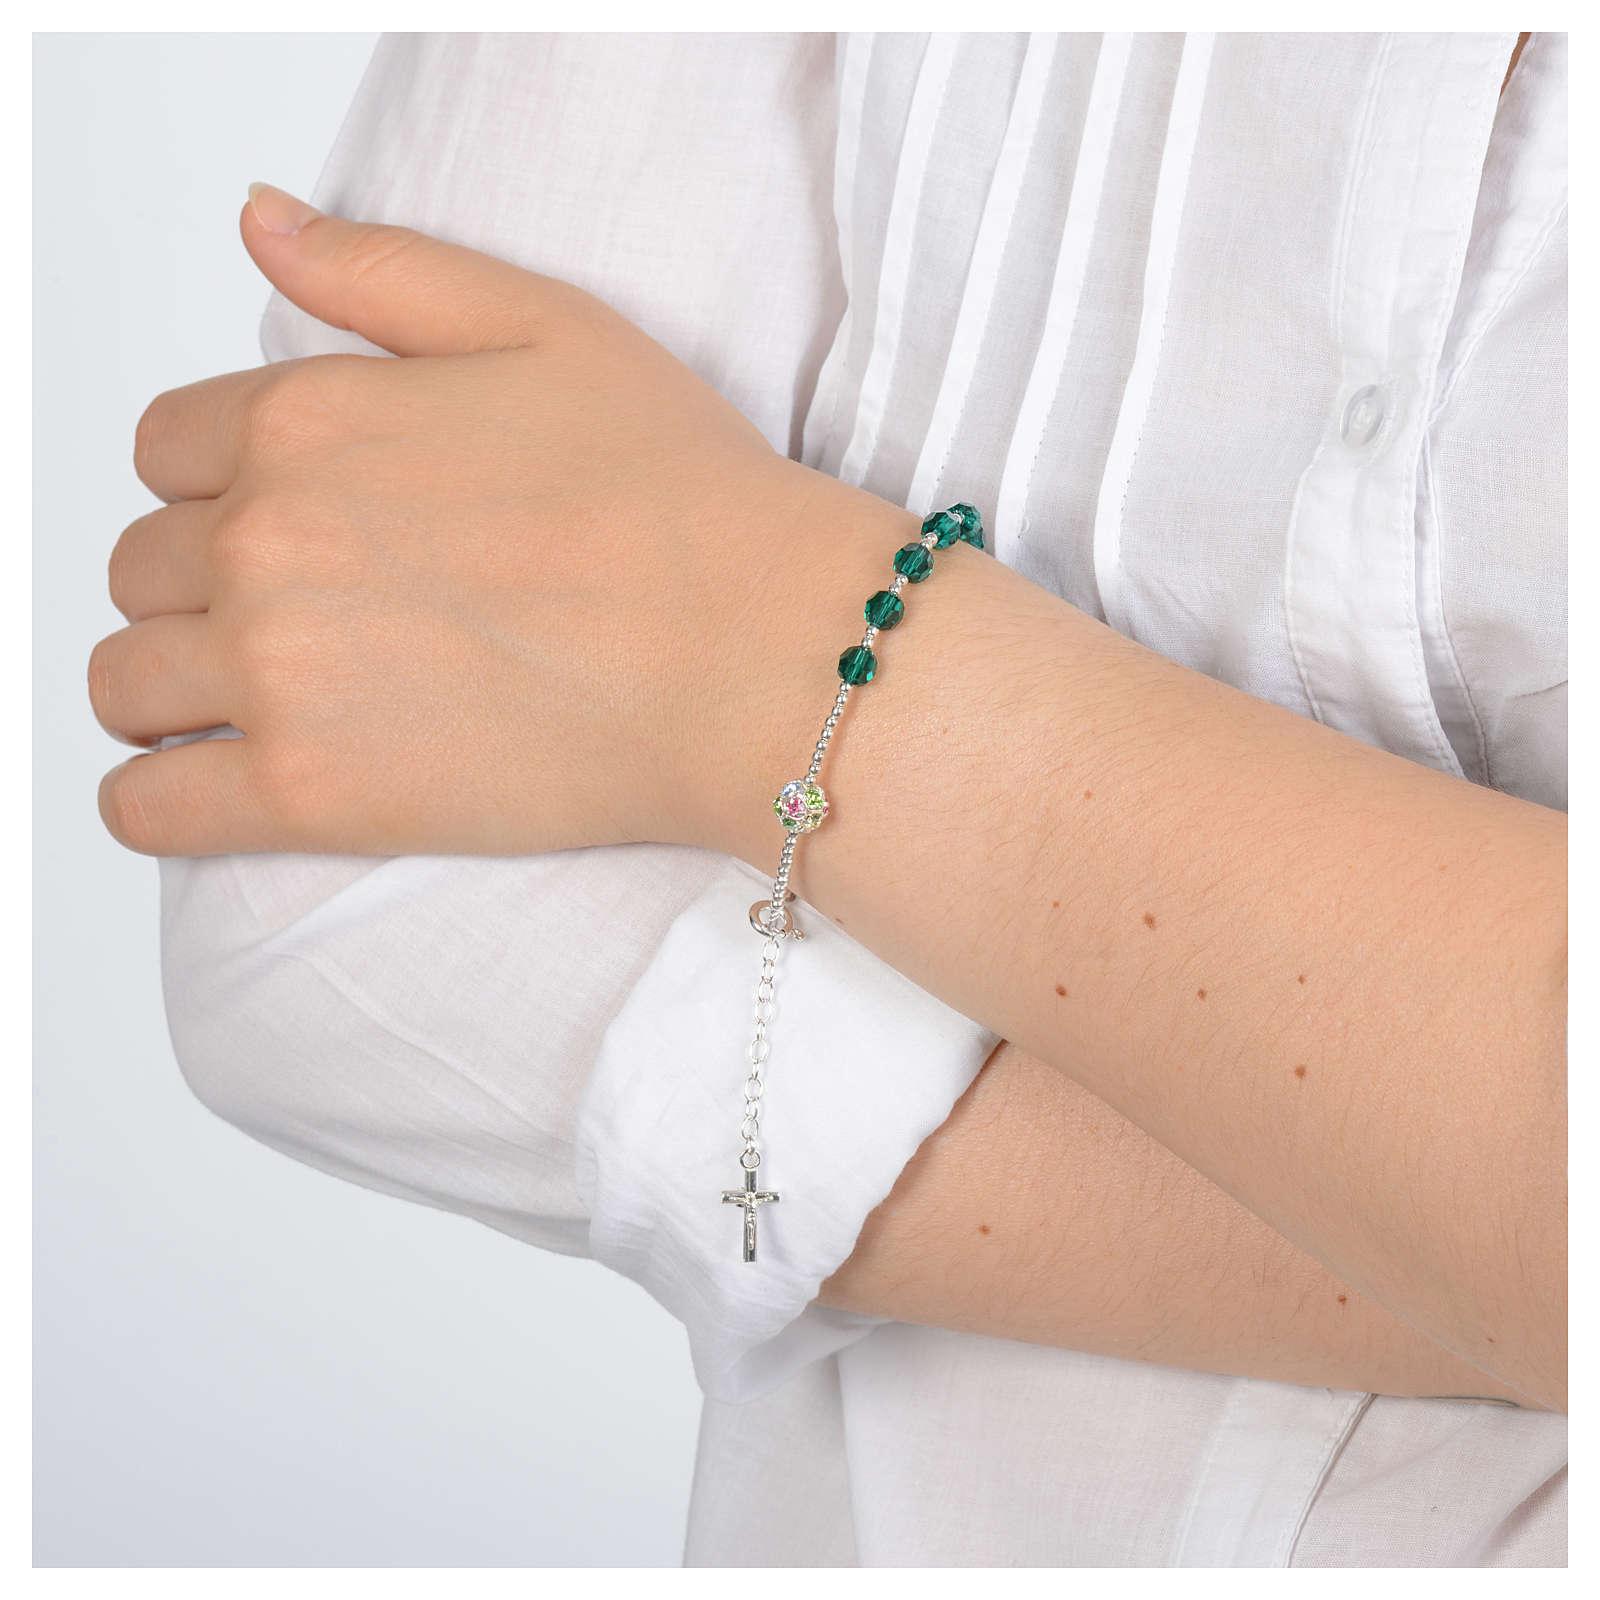 Rosary bracelet in 925 sterling silver and green Swarovski 4